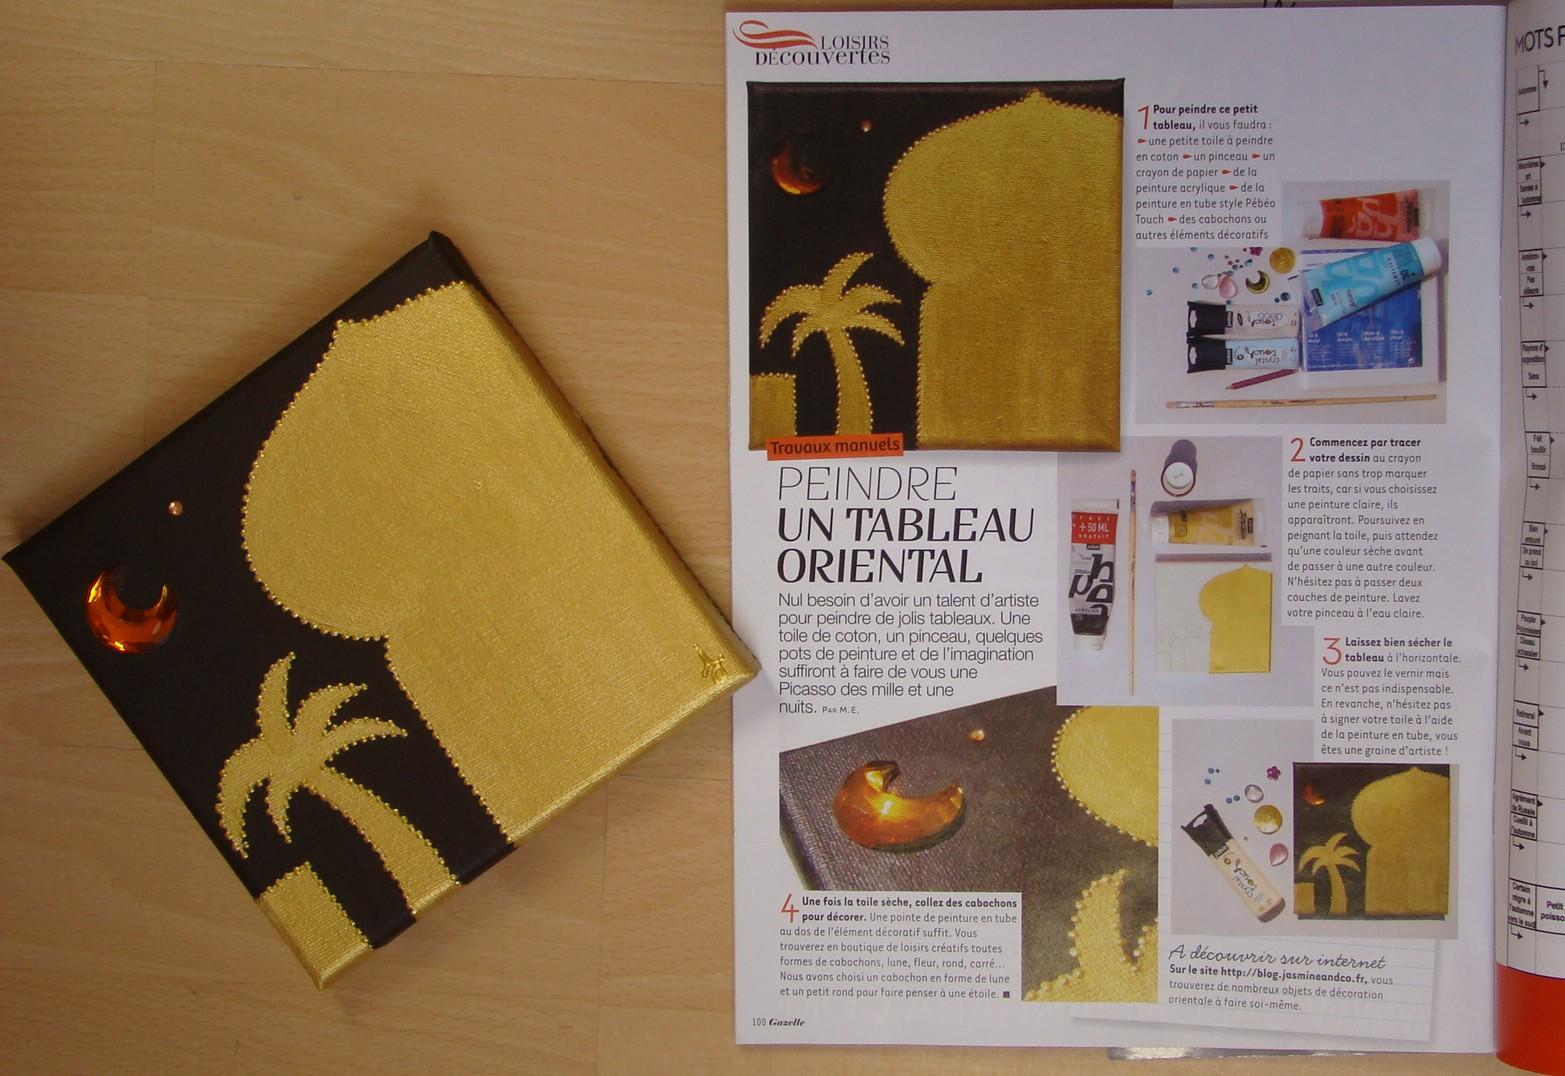 Peindre un tableau oriental gazelle magazine jasmine for Peindre un tableau